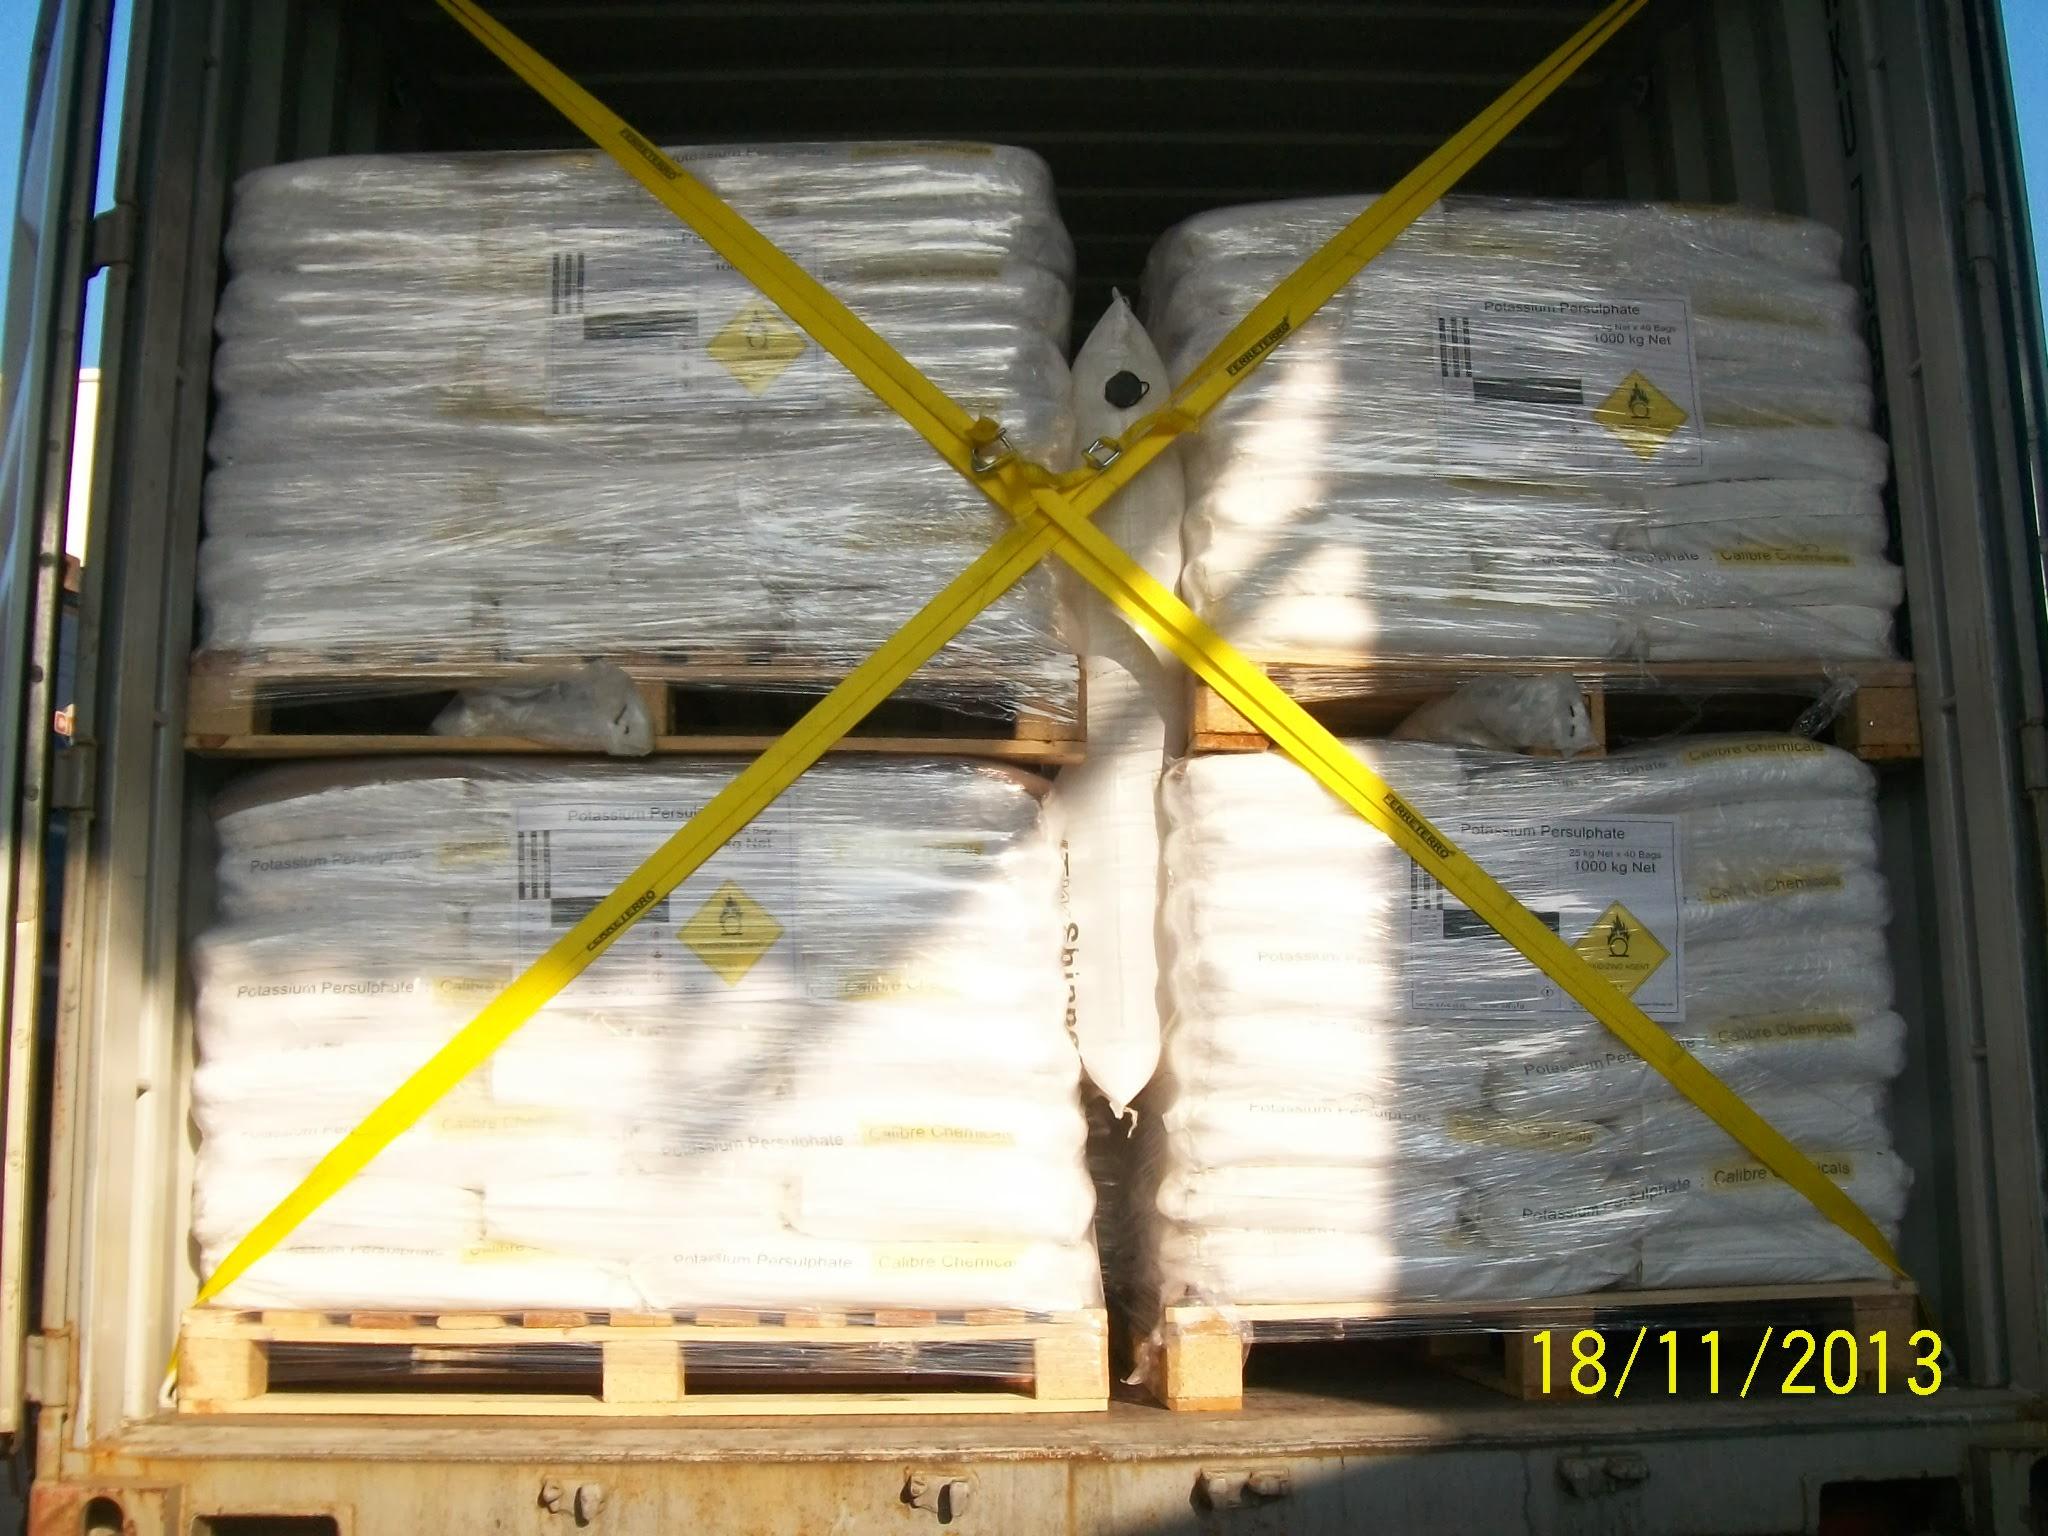 E13-0175 CONTAINER NO. MRKU 799264(2).JPG